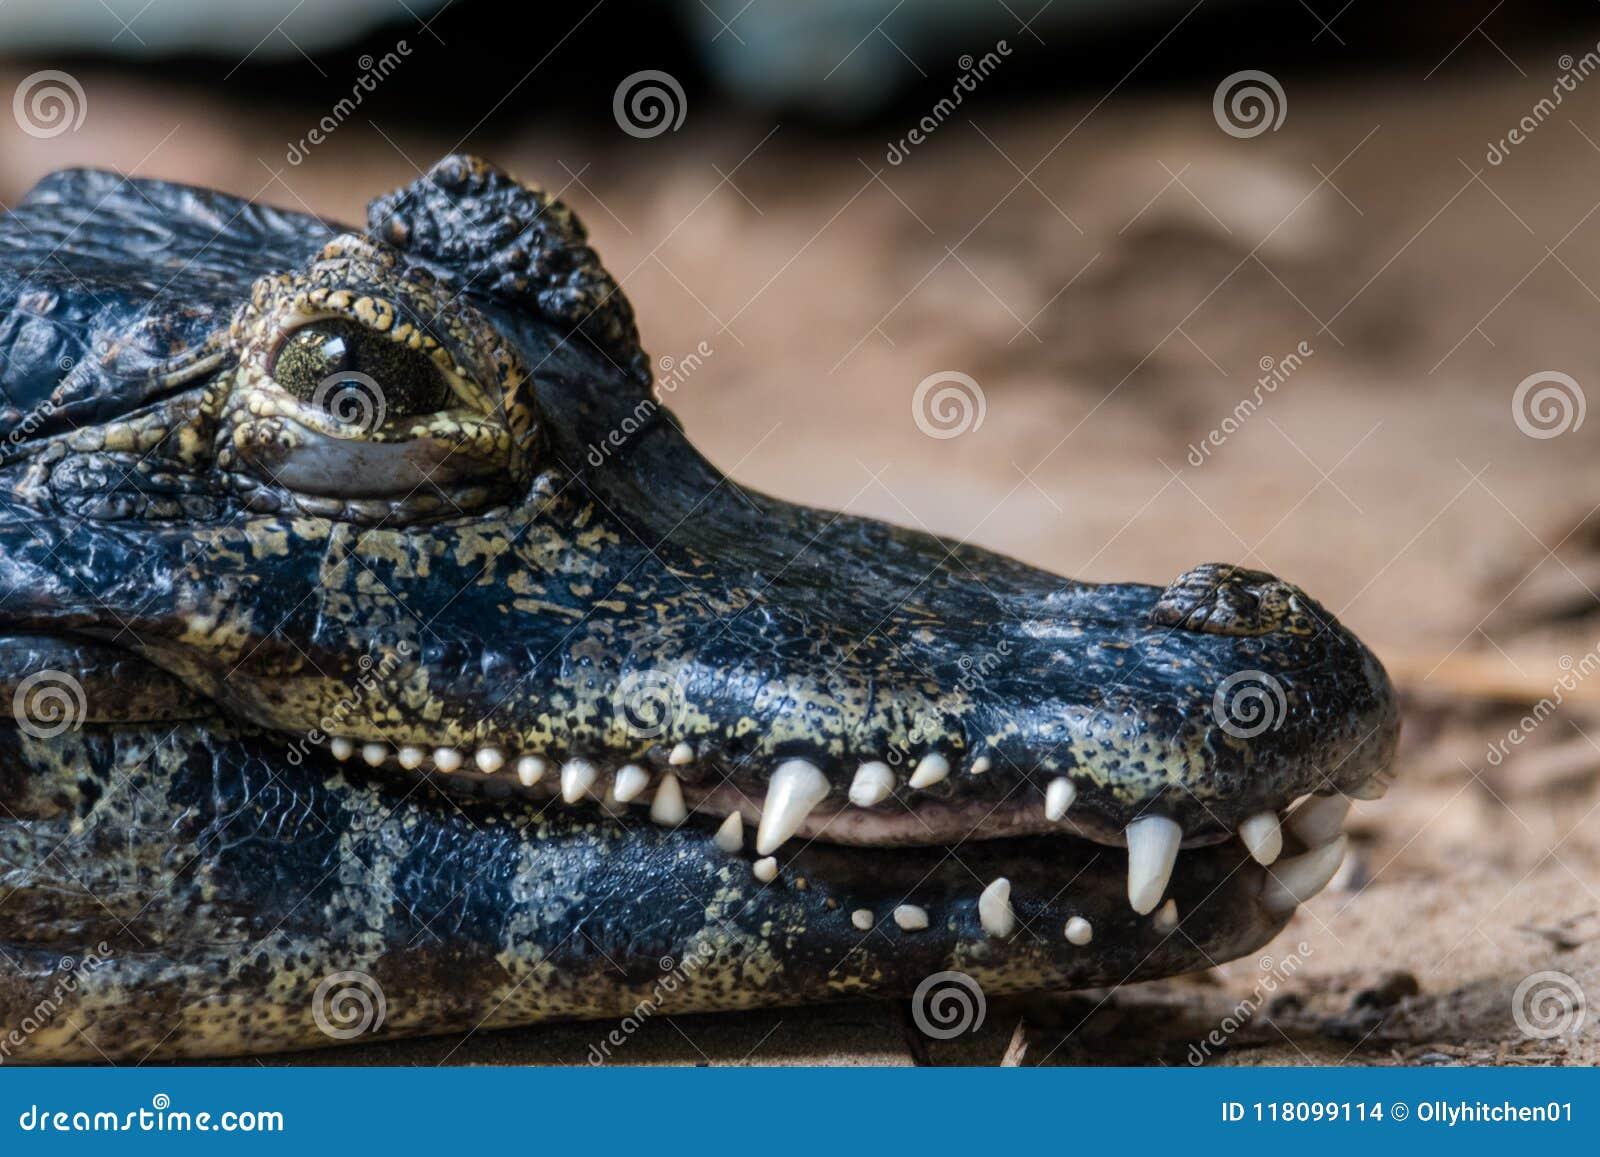 Мощные челюсти Caiman Yacare показывая его сильные зубы, против предпосылки песка и пыли